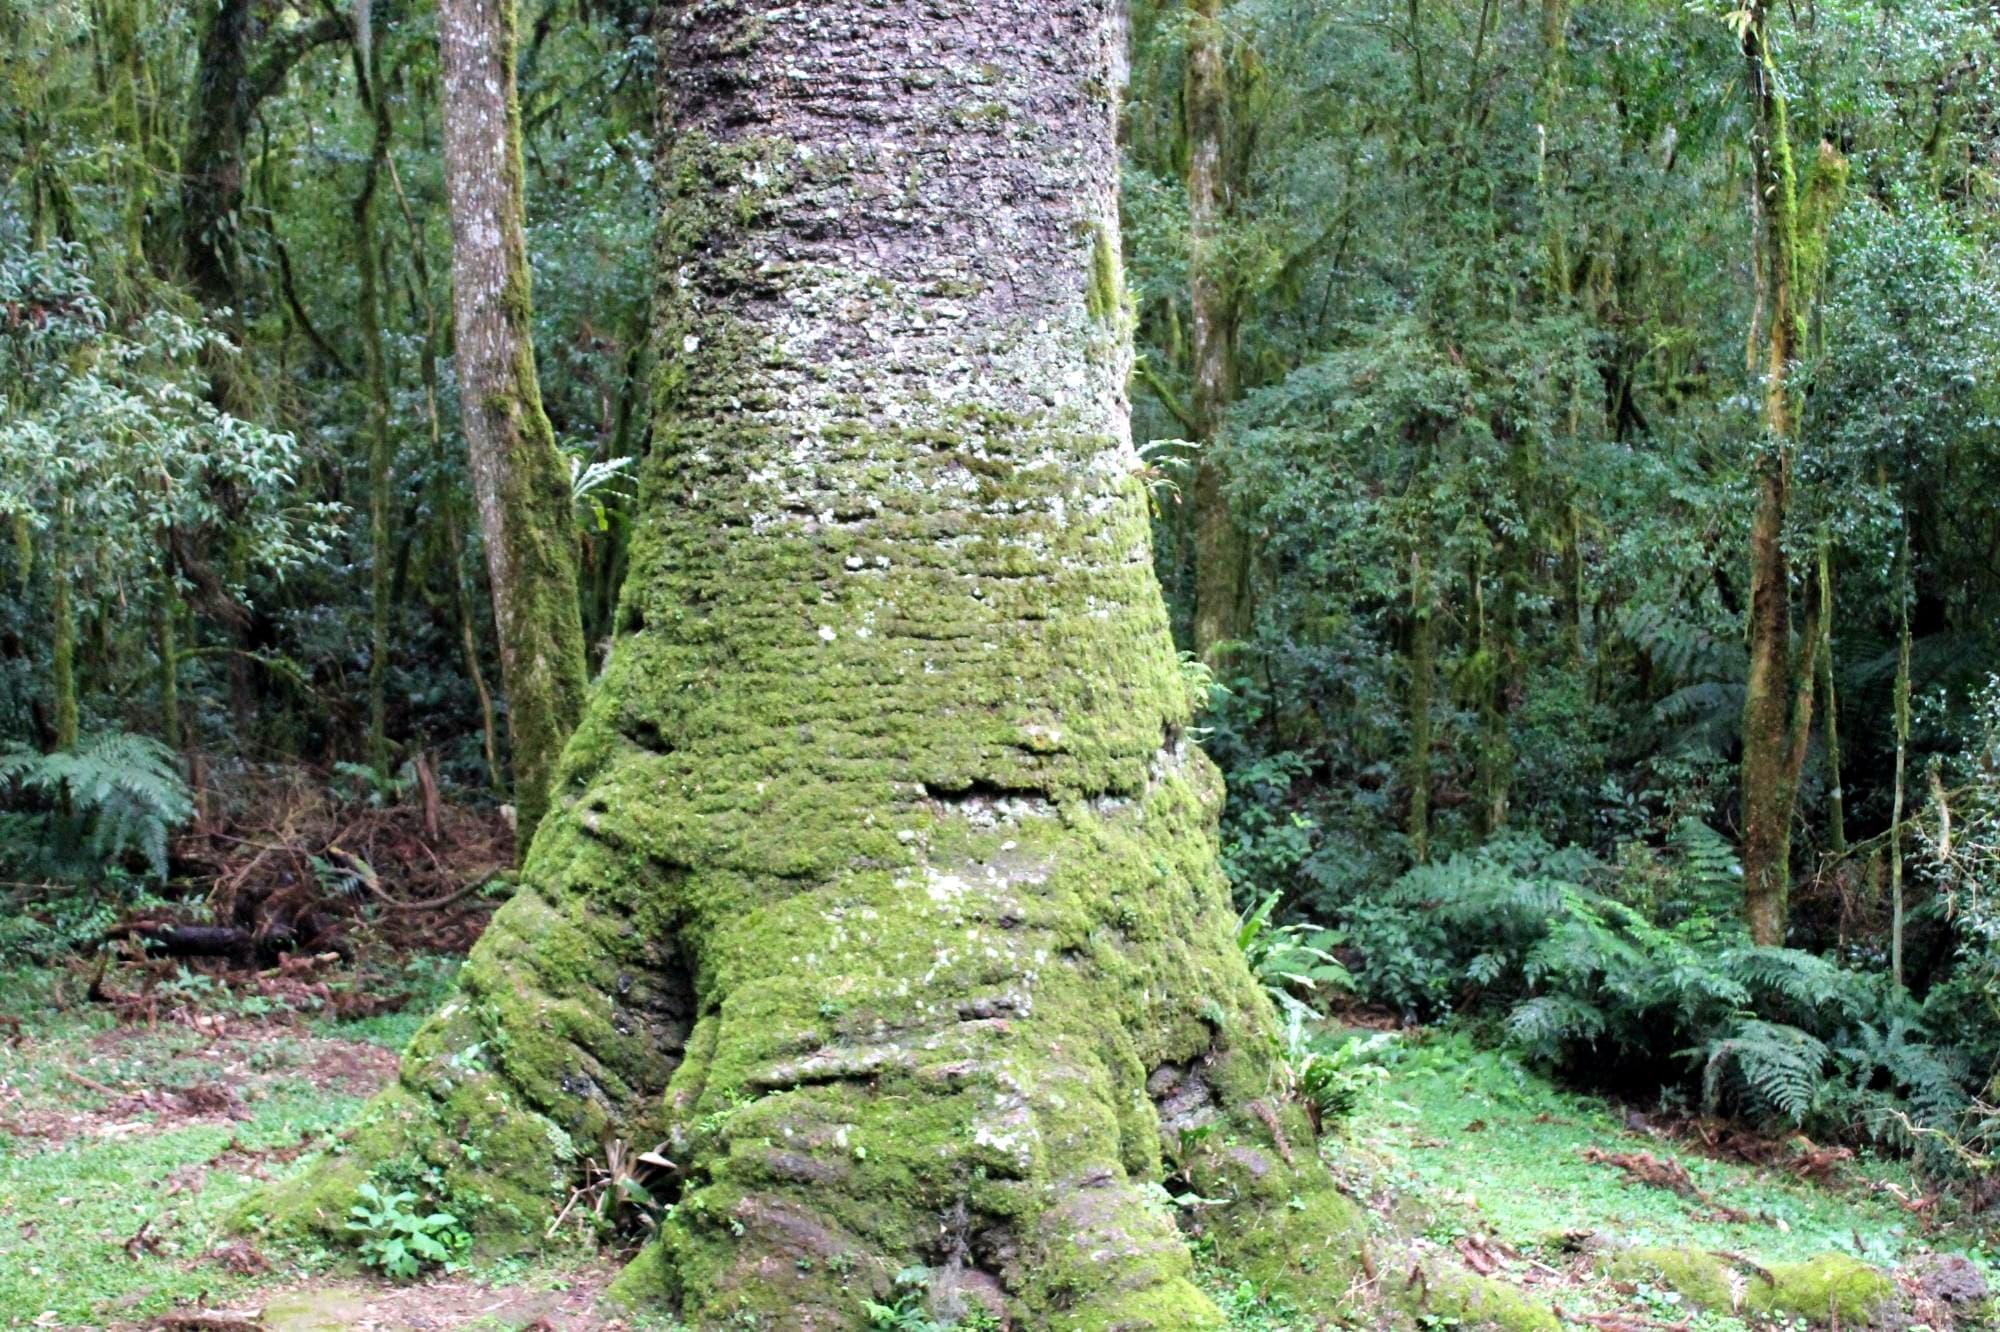 tronco do pinheiro